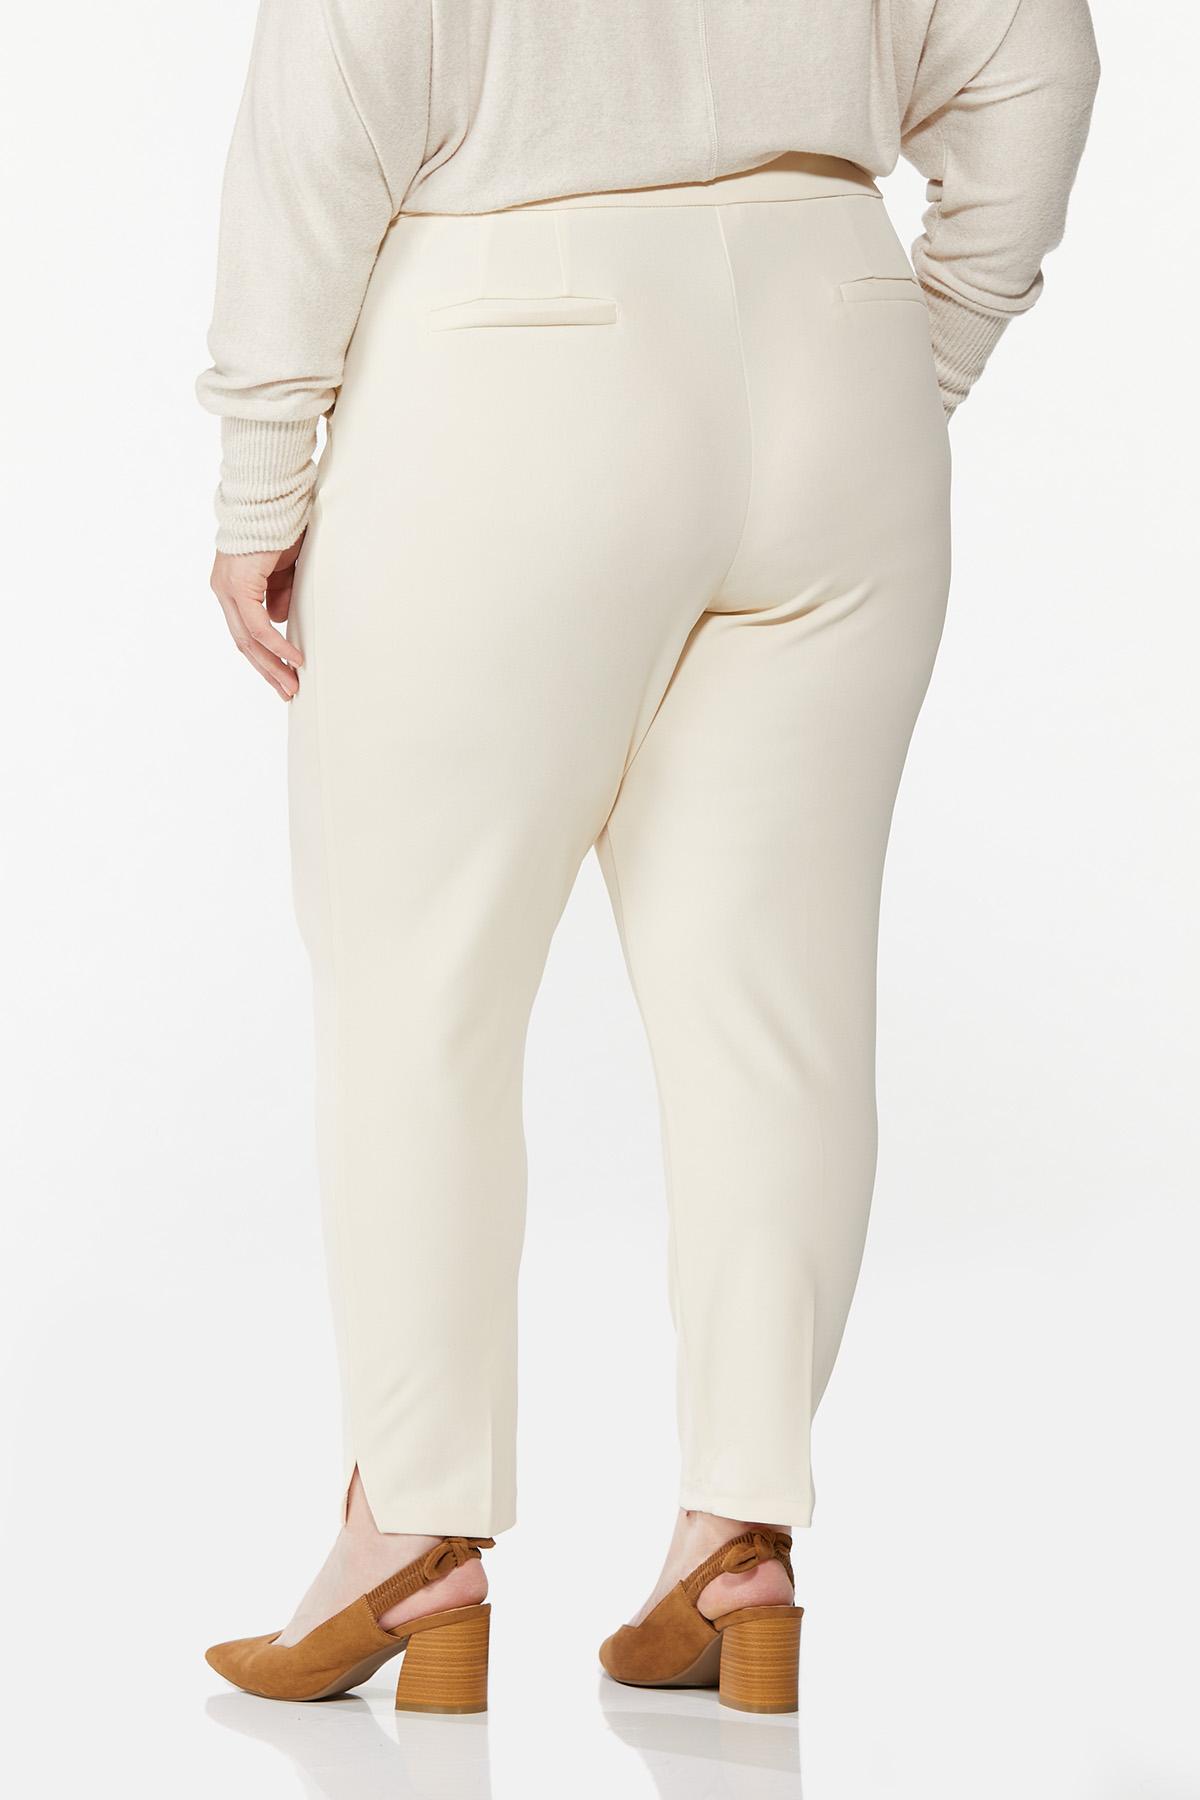 Plus Petite Slim Pull-On Pants (Item #44651812)